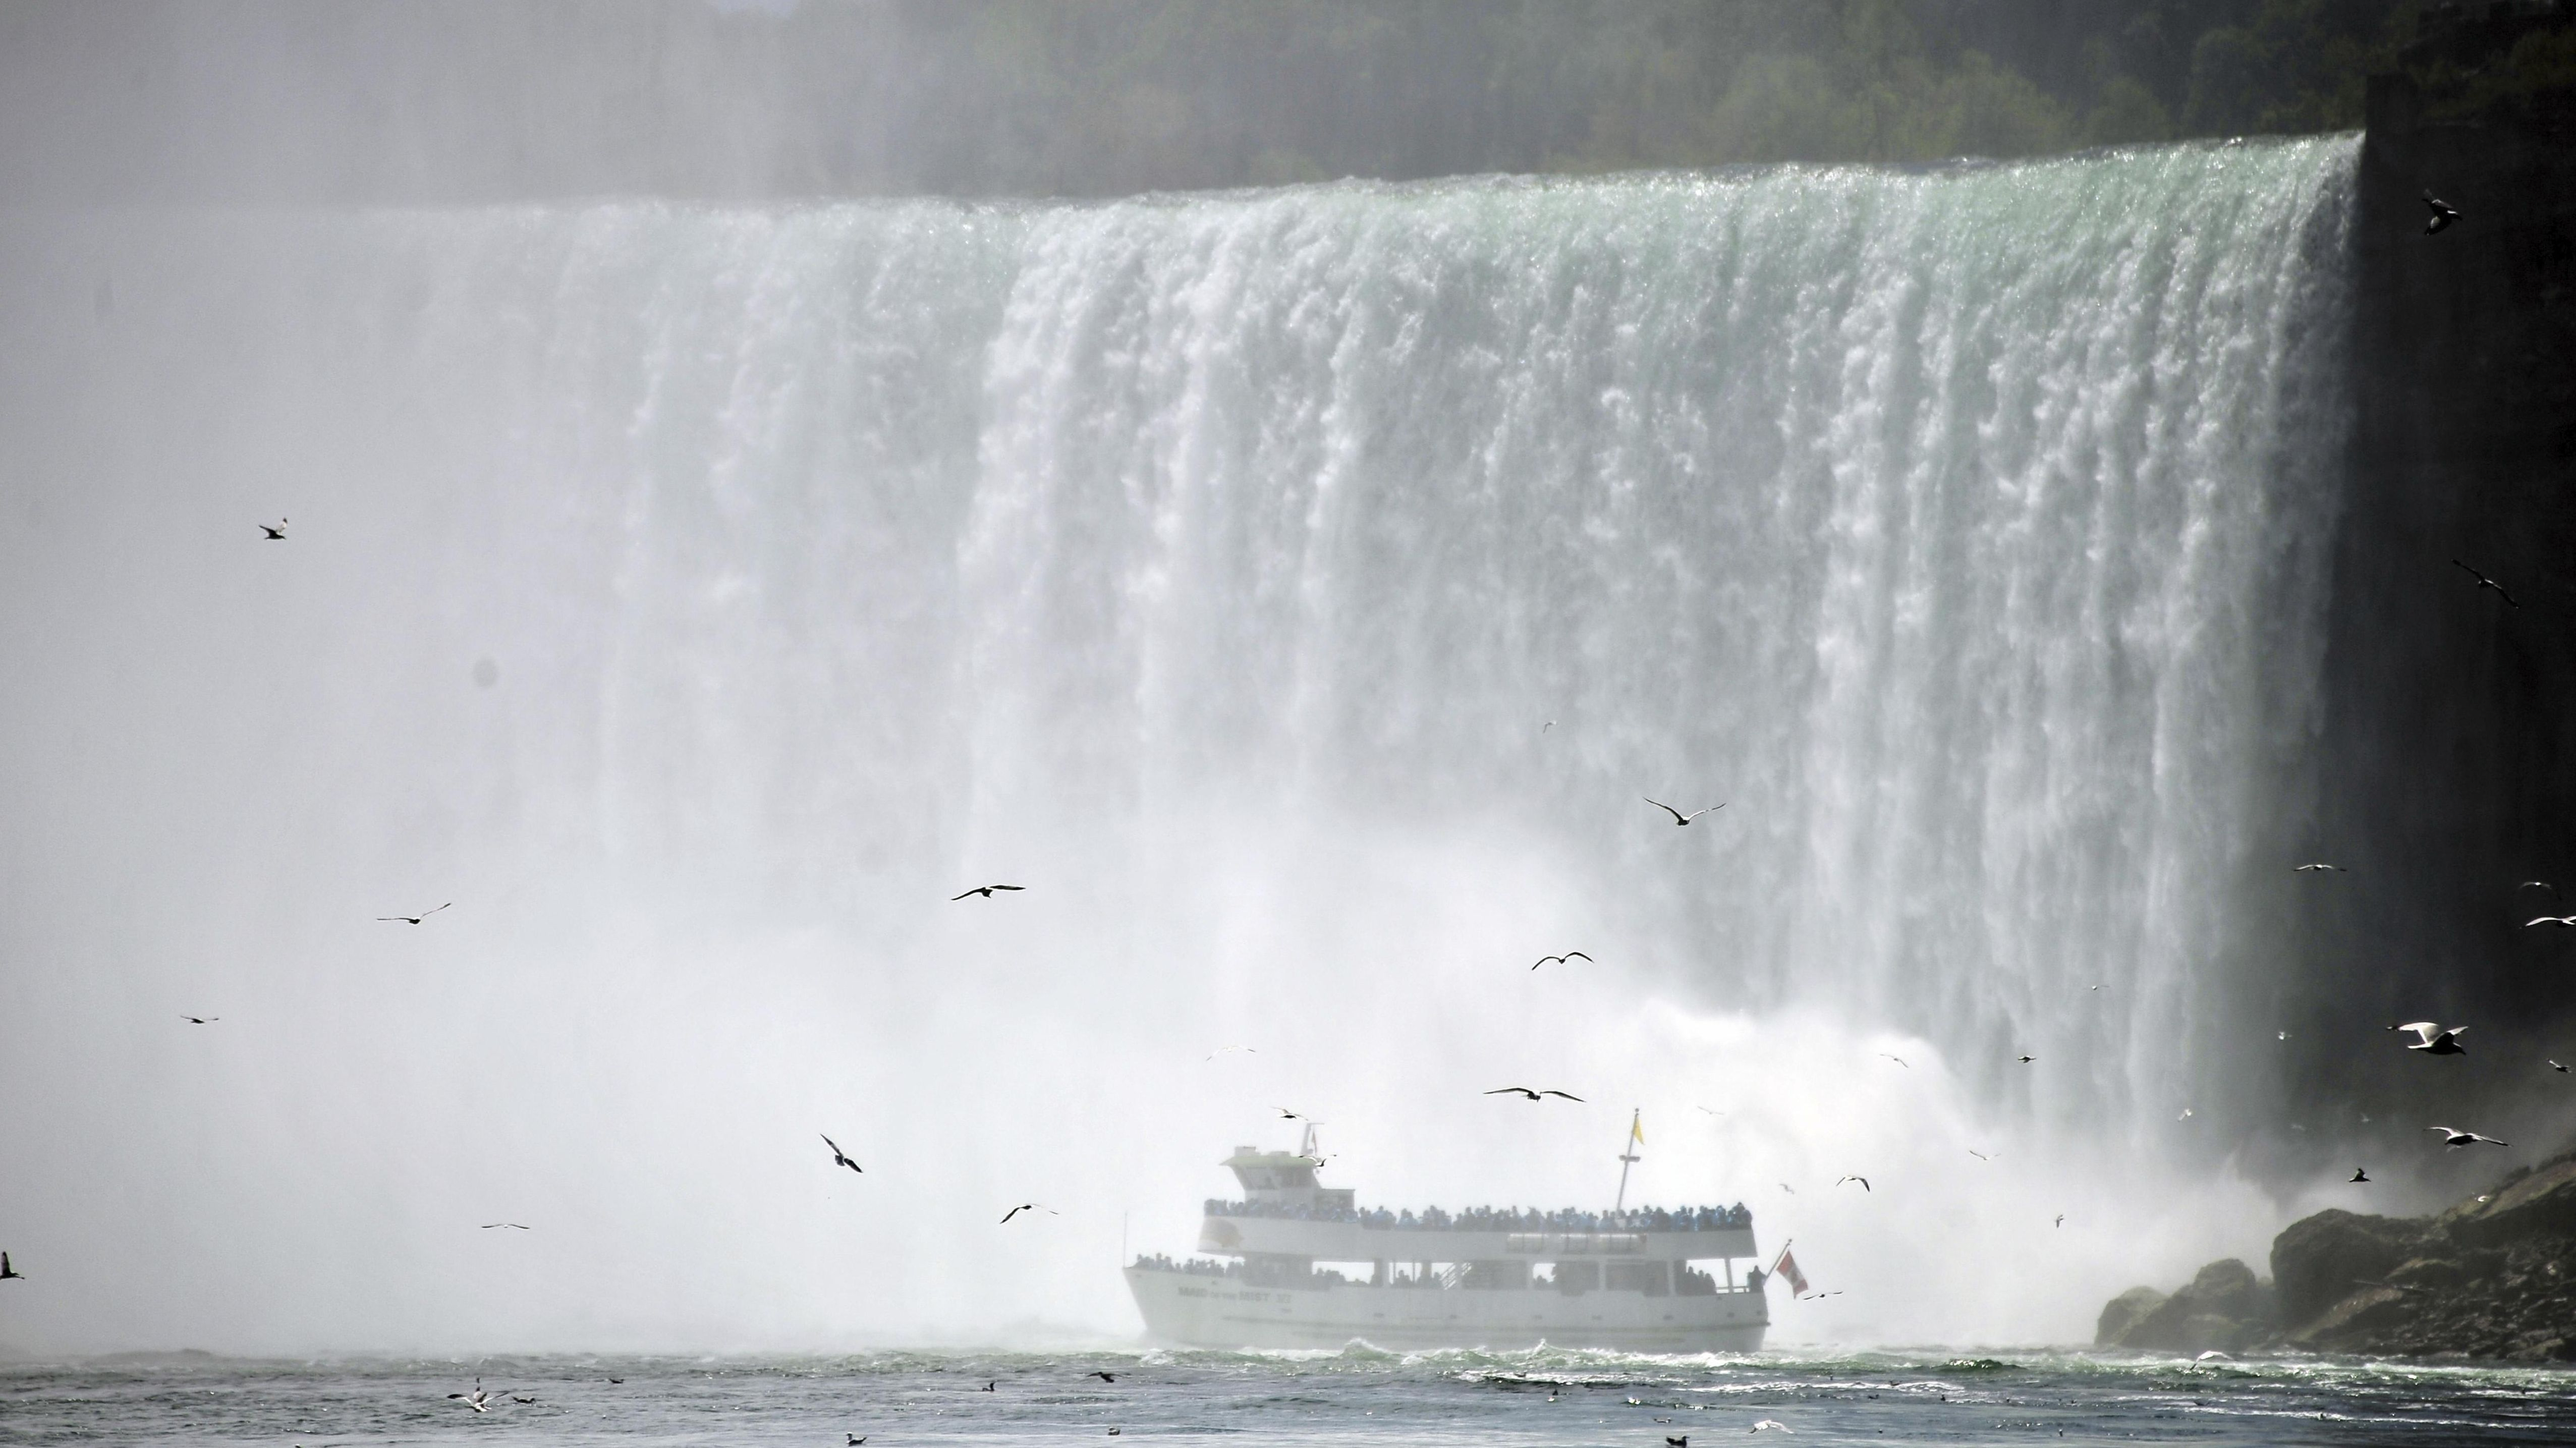 Schiff vor den Horseshoe-Falls, den höchsten der berühmten Niagara-Wasserfälle.